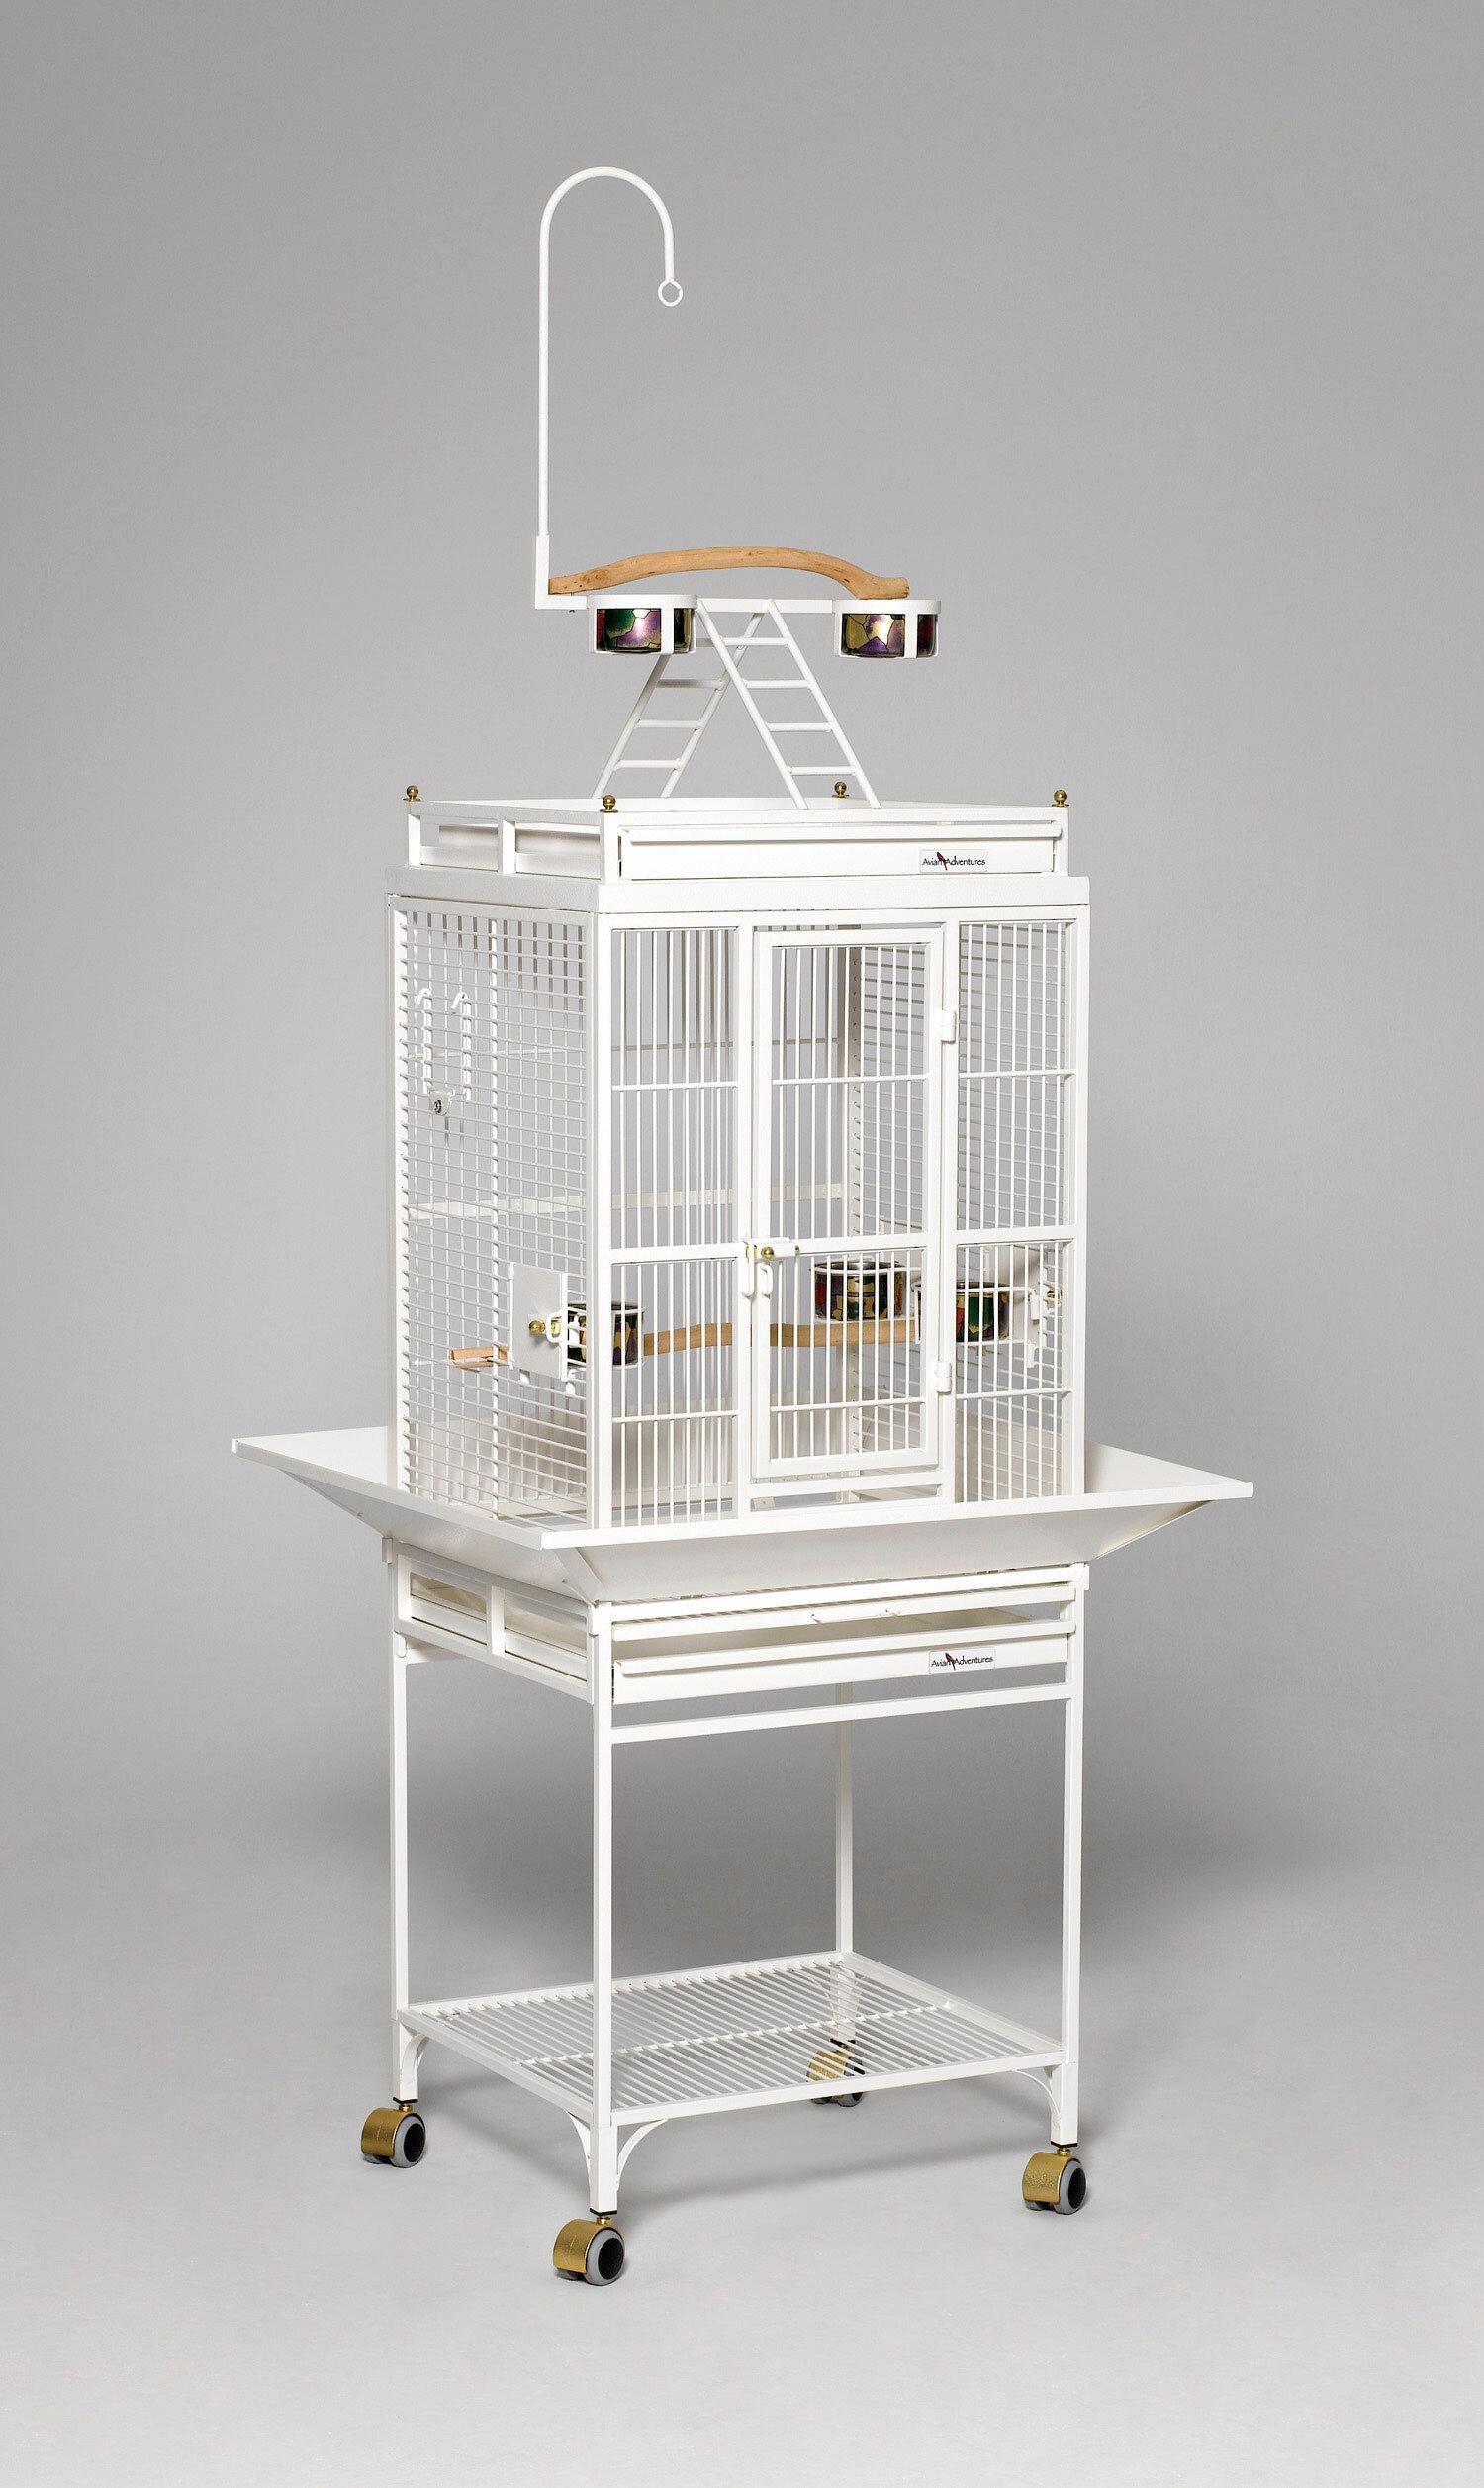 Tucker Murphy Pet Huxley Nina Playtop Bird Cage Reviews Wayfair